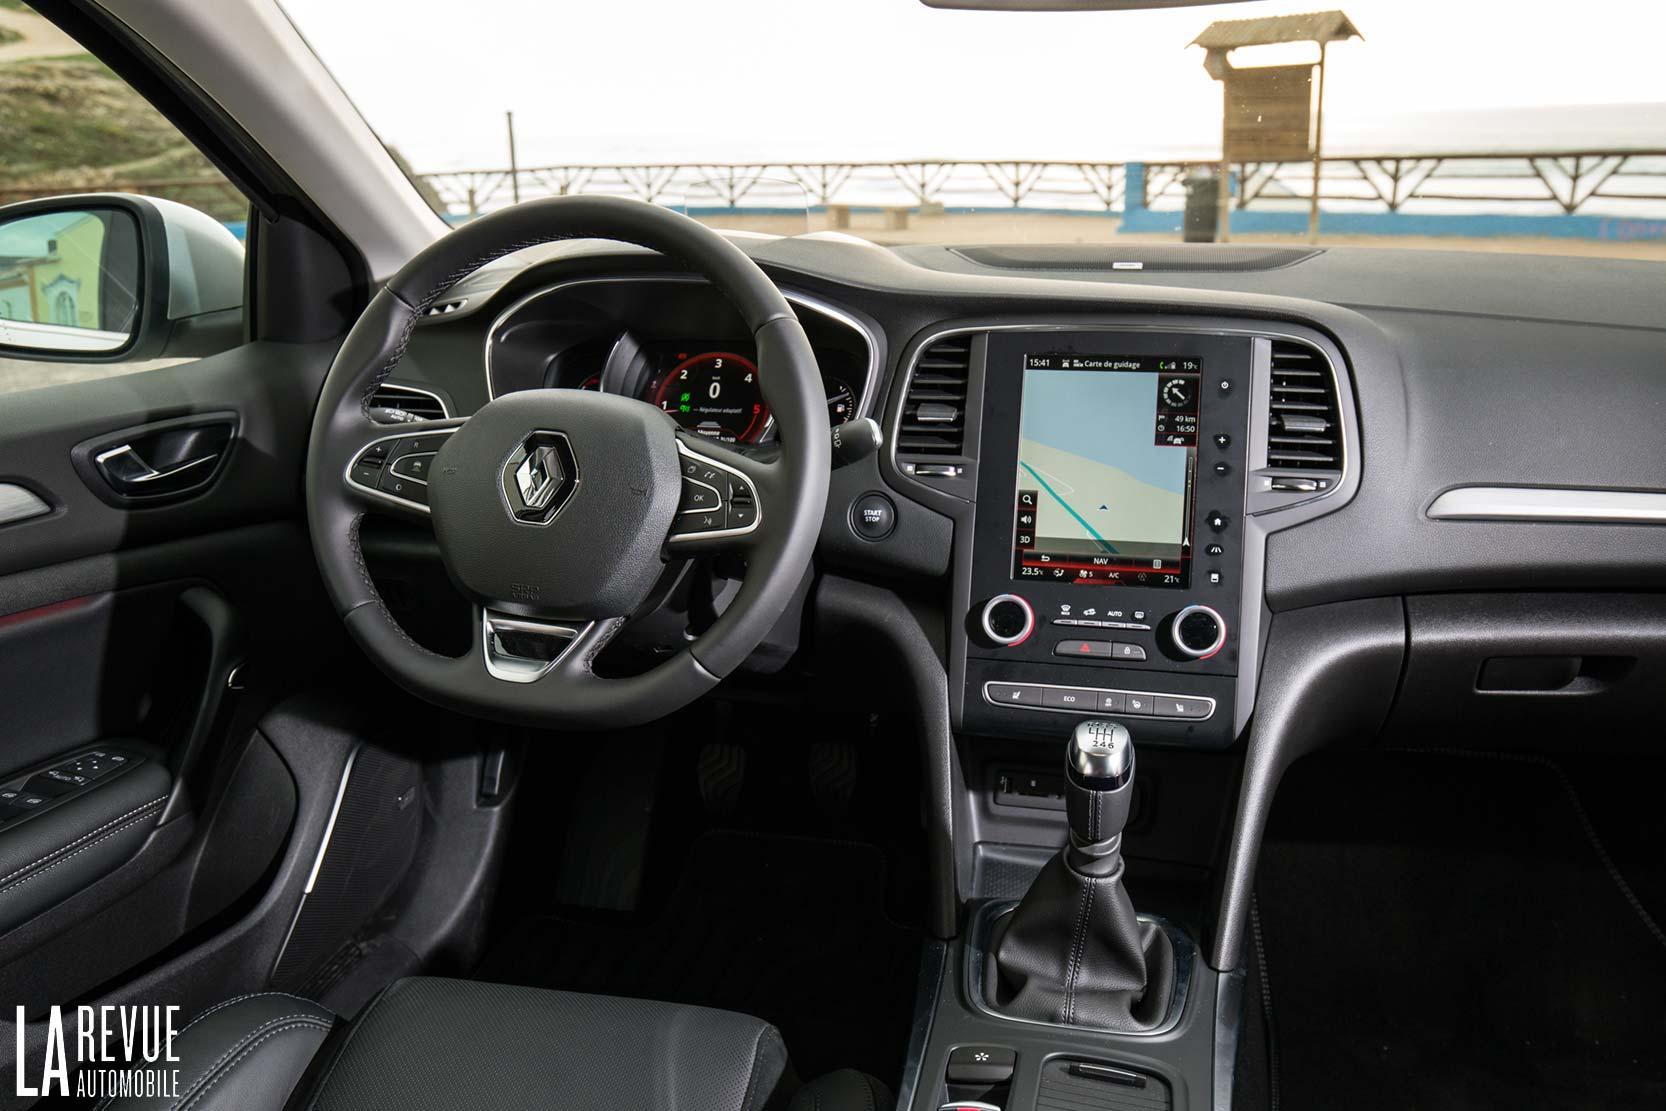 Megane 4 Interieur  Interieur Megane 3 Renault Megane Iii